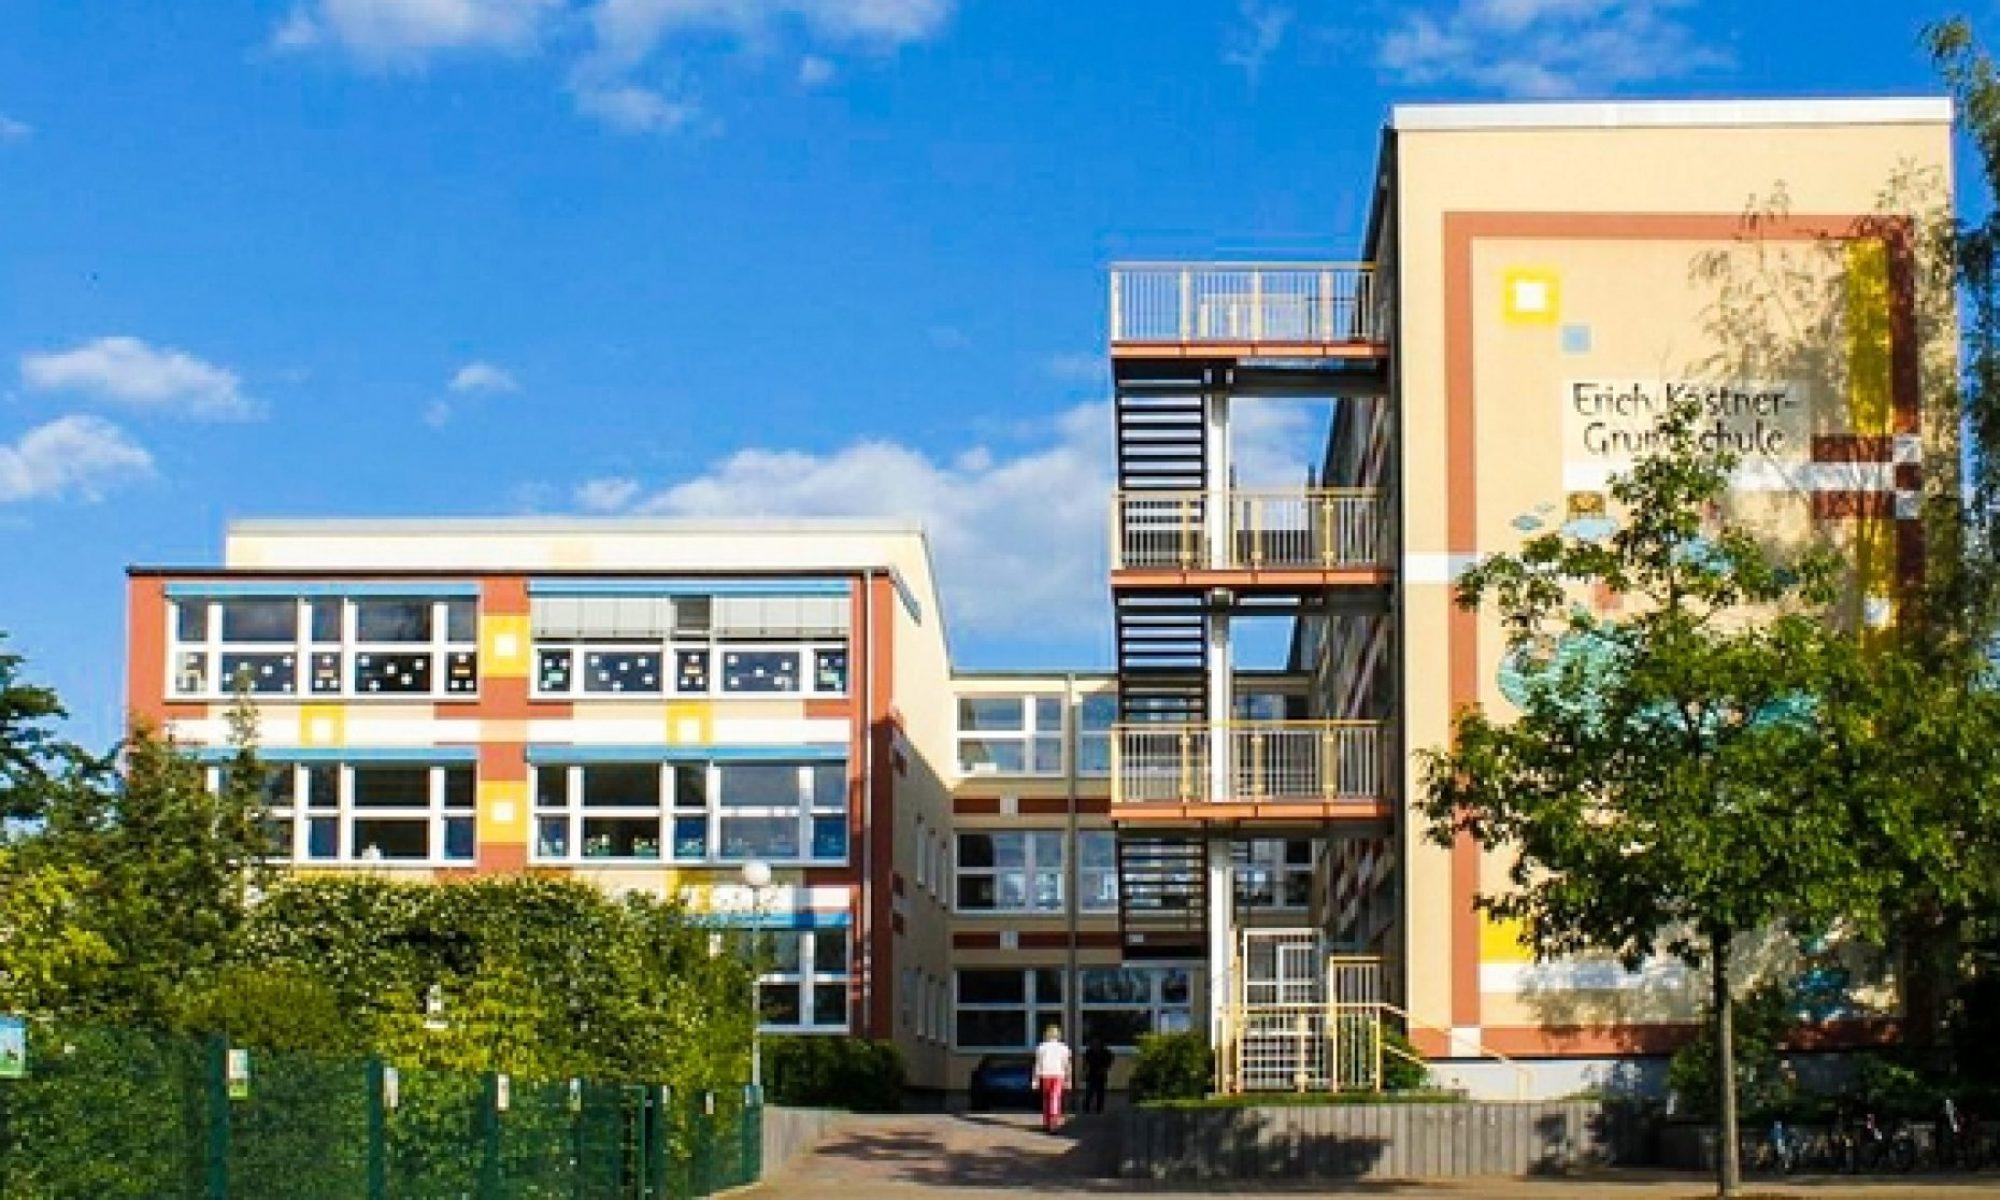 Erich Kästner-Grundschule Schwedt